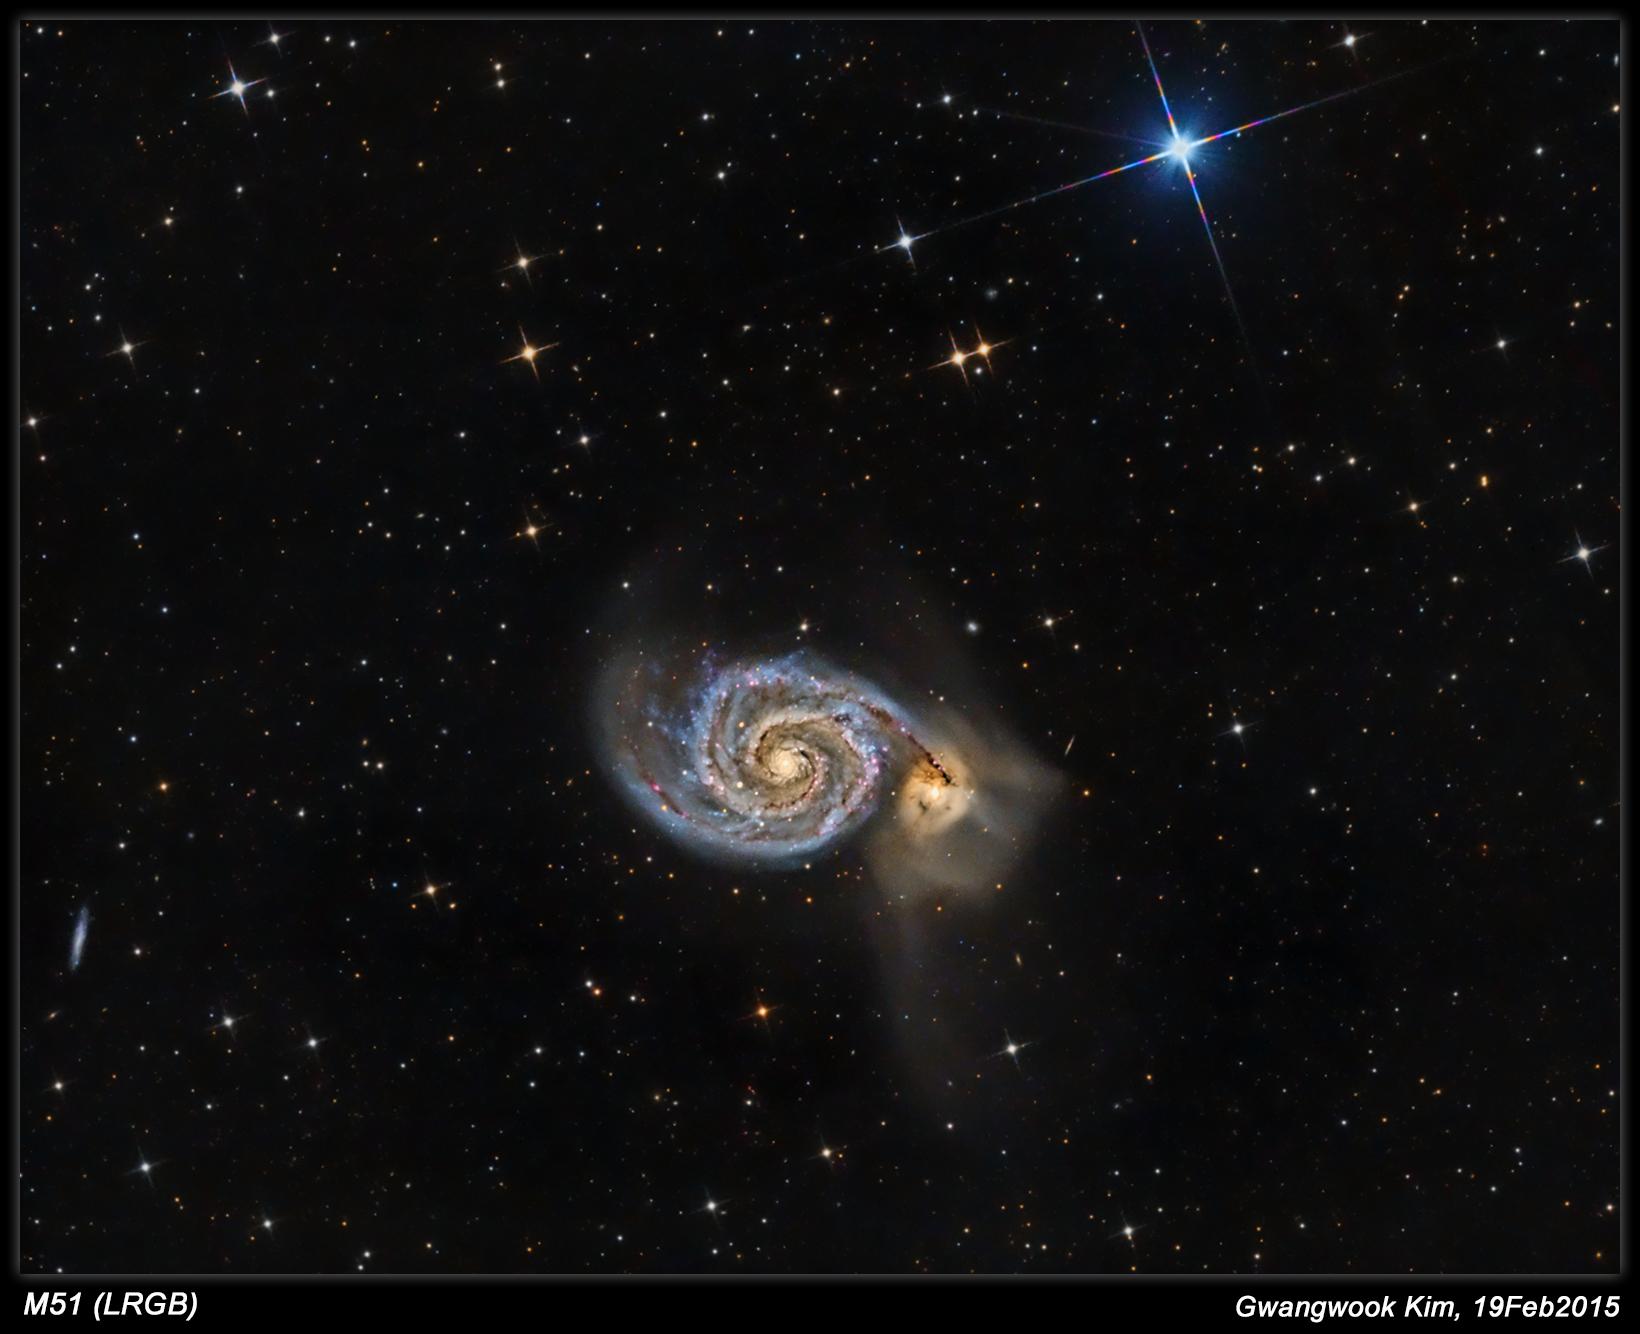 M51_LRGB_gwkim_19Feb2015_s.jpg